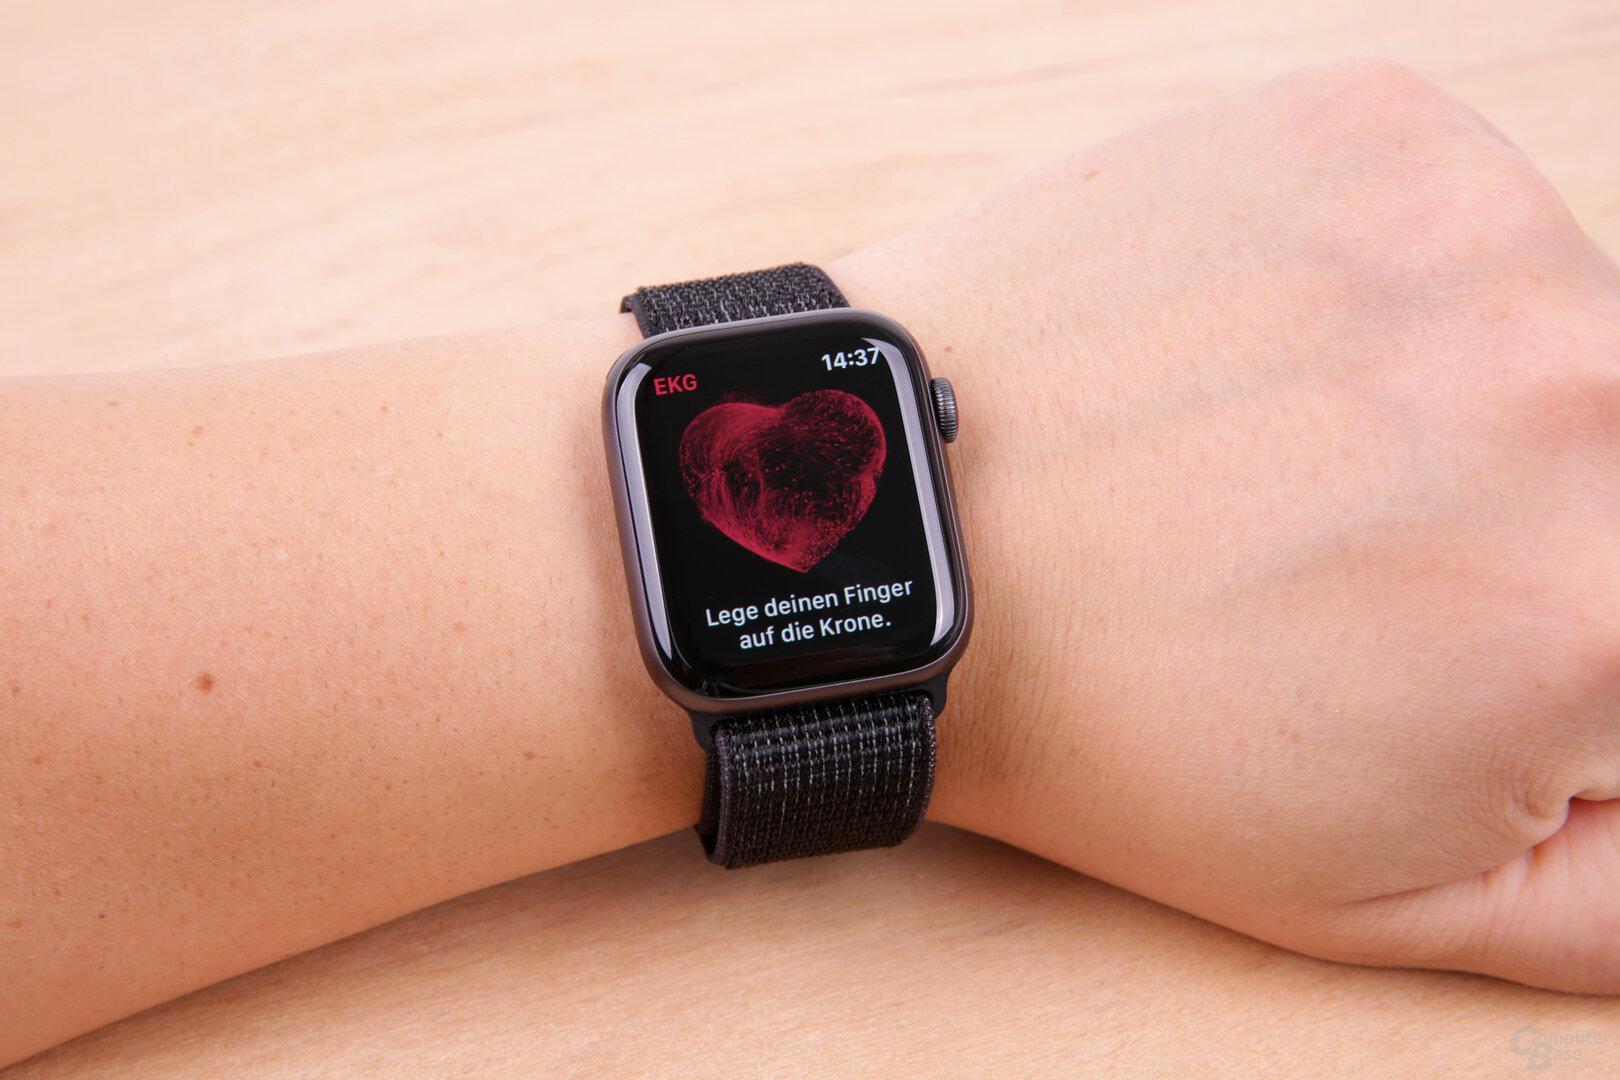 EKG-App kurz nach dem Start mit Hinweis zur Nutzung